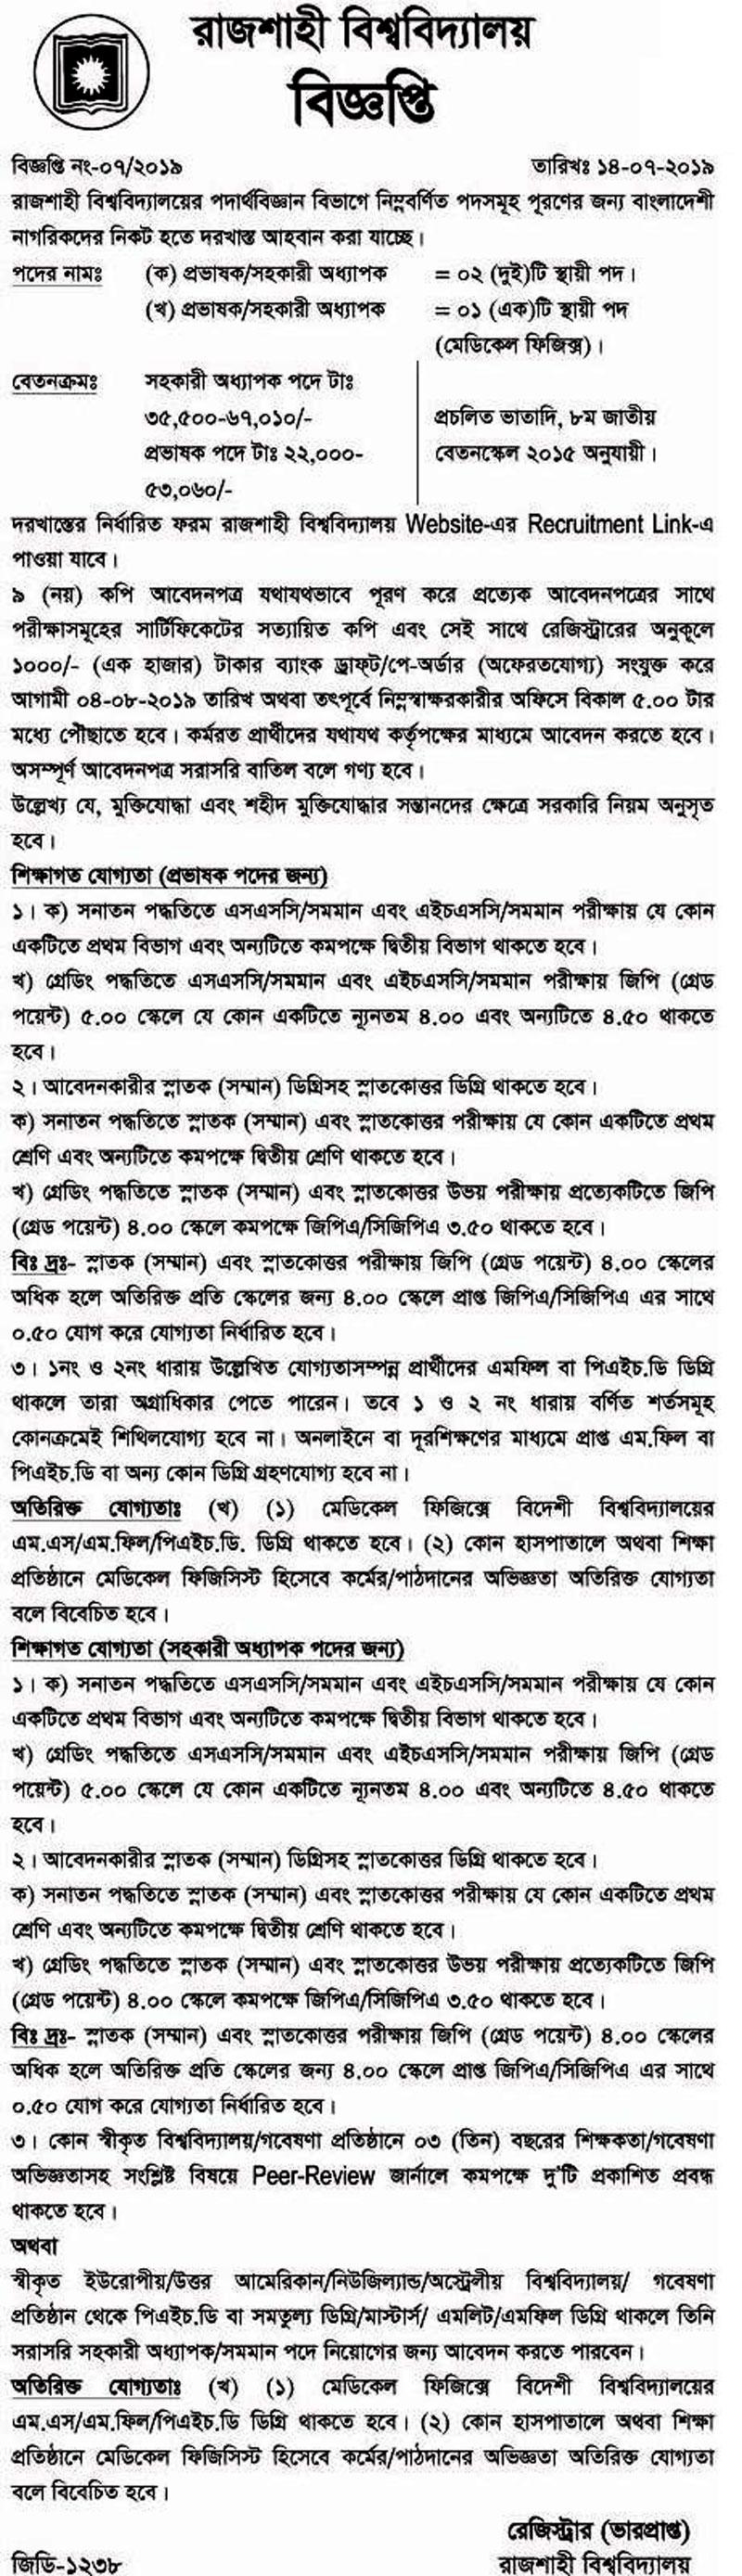 Rajshahi University Job 2019